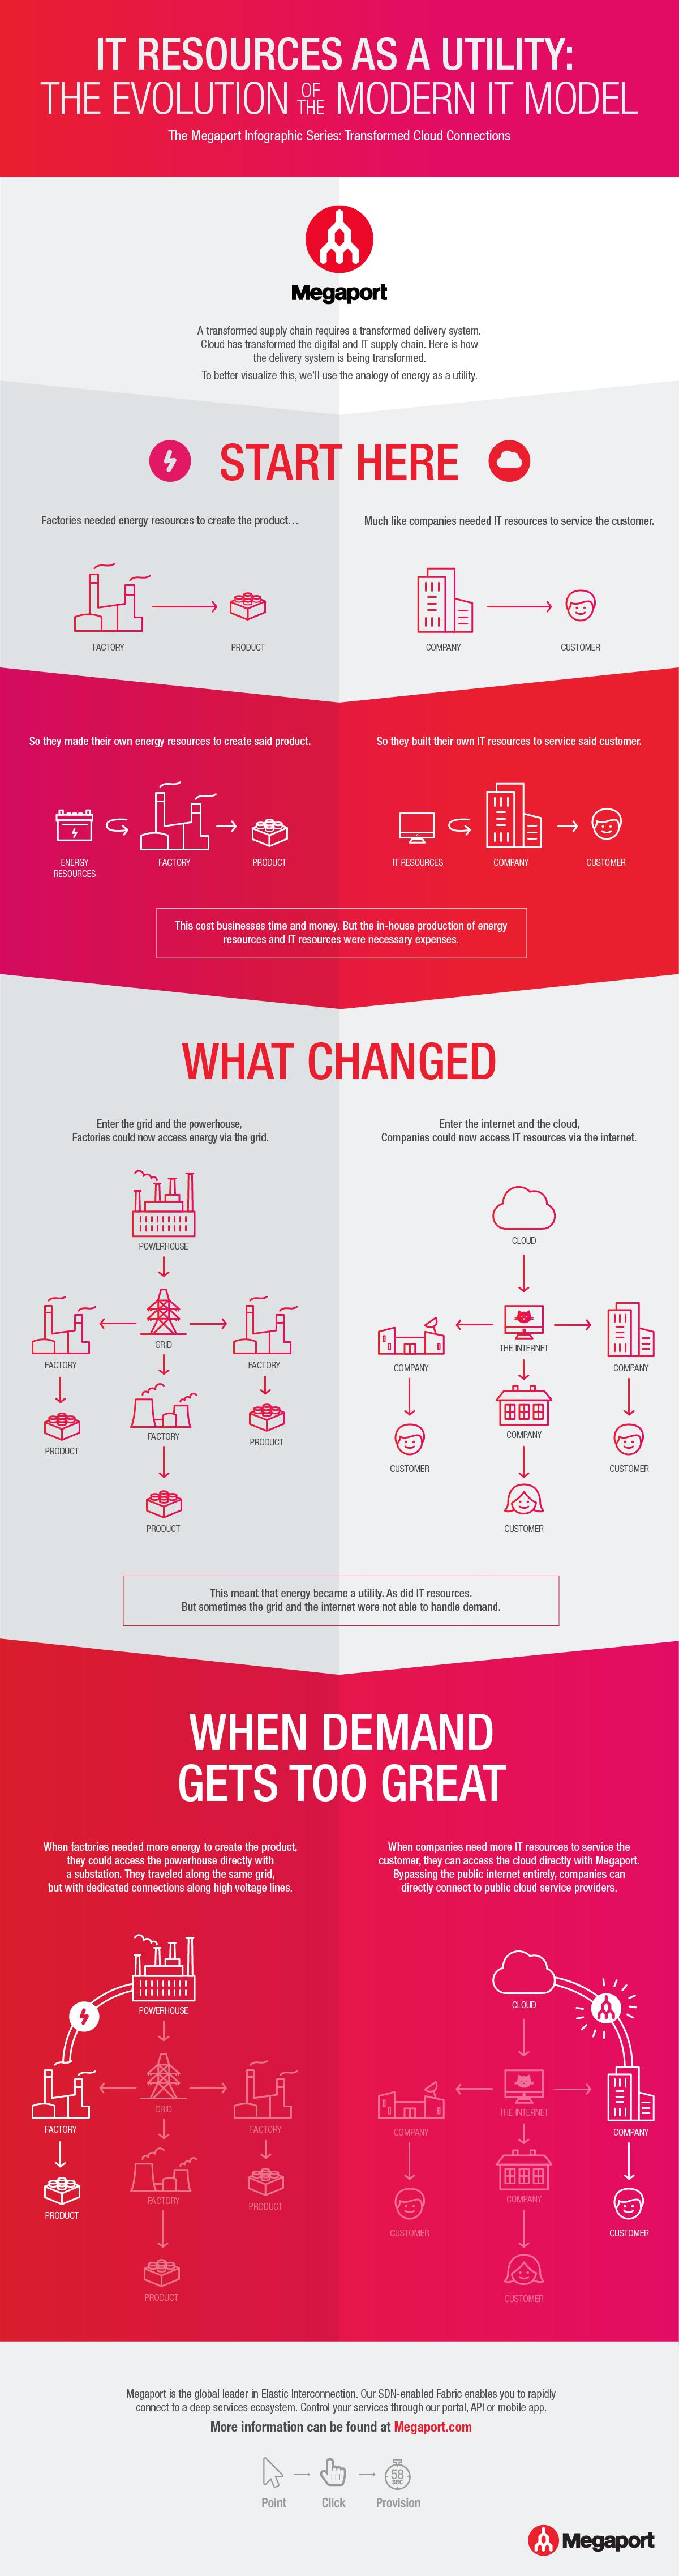 m211-megaport-infographic_v12-01